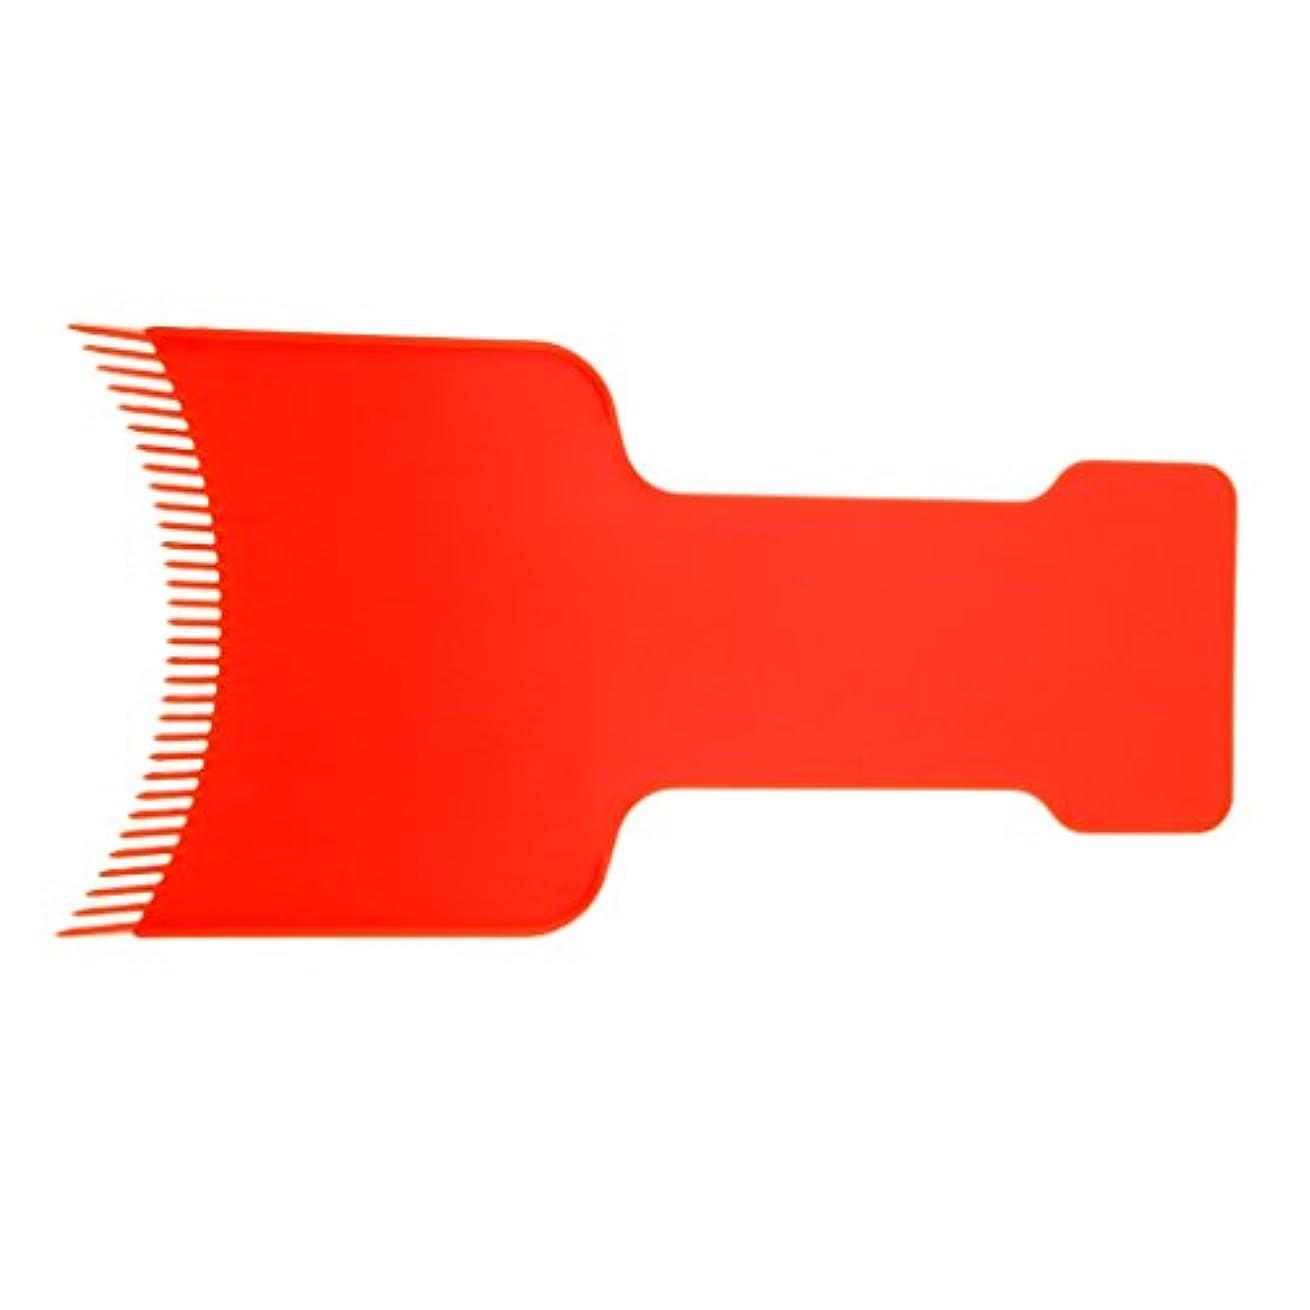 詐欺オーク切り下げToygogo サロンヘアカラーボード|染毛剤プレート|理髪理髪ヘアカラーボード19x9.5 Cm